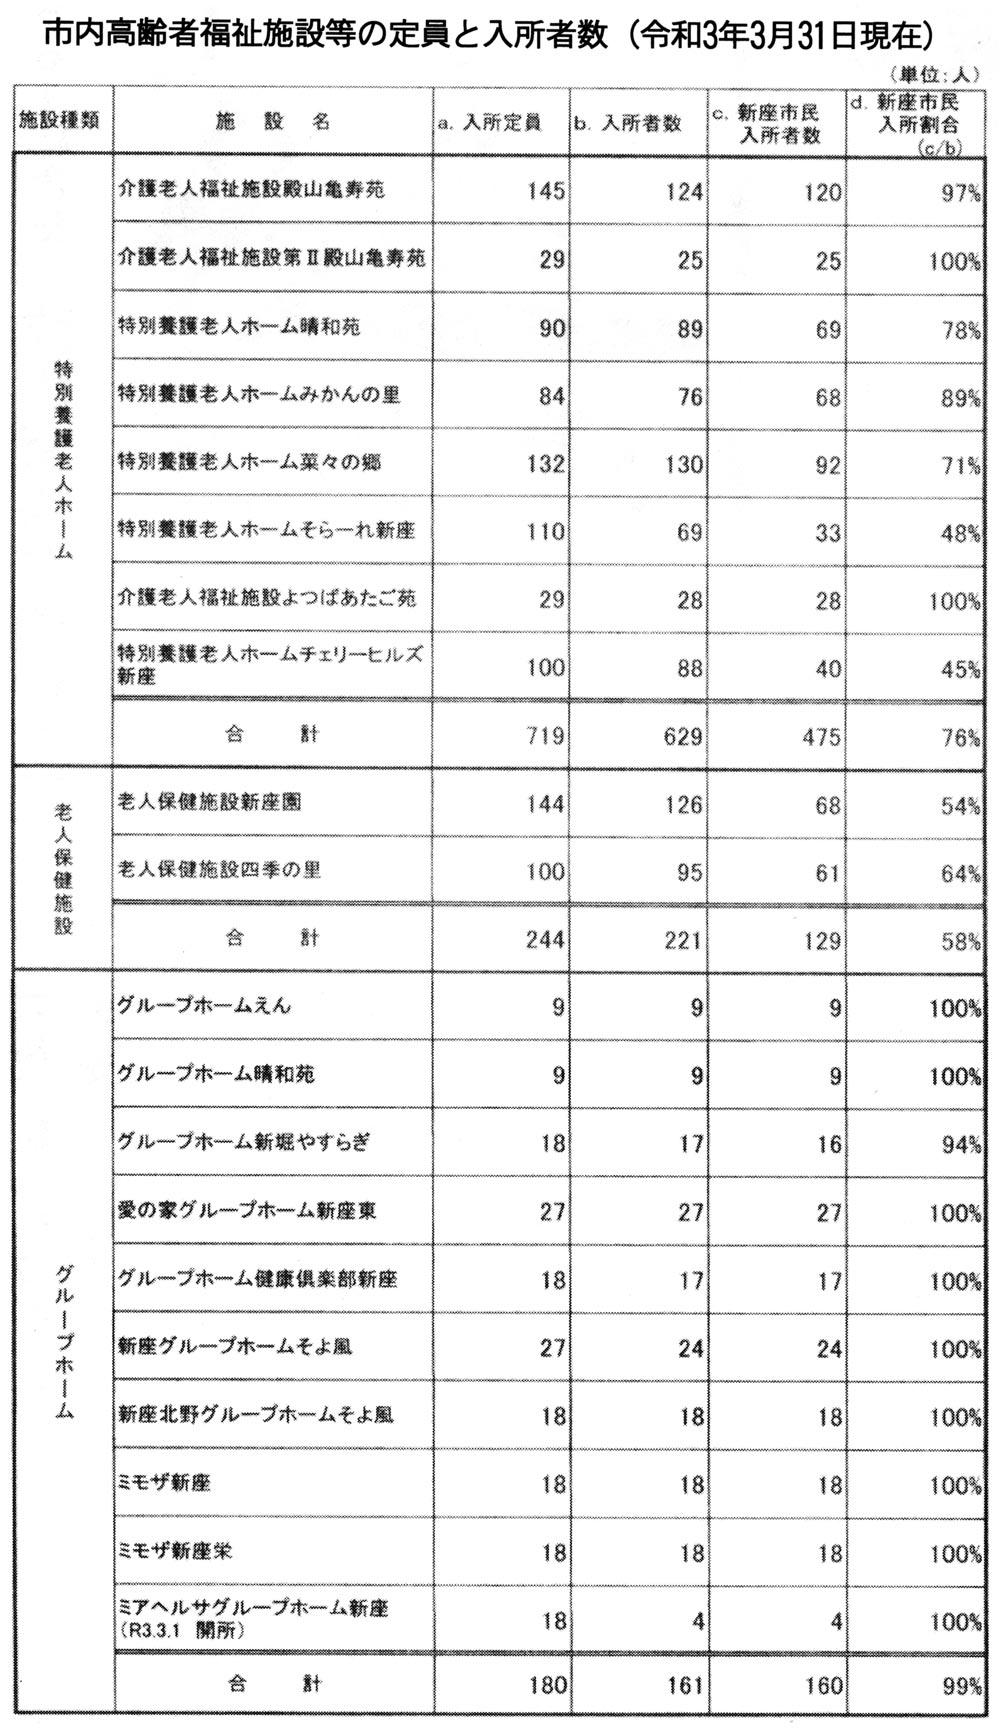 市内高齢者福祉施設等の定員と入所者数(令和3年3月31日現在)